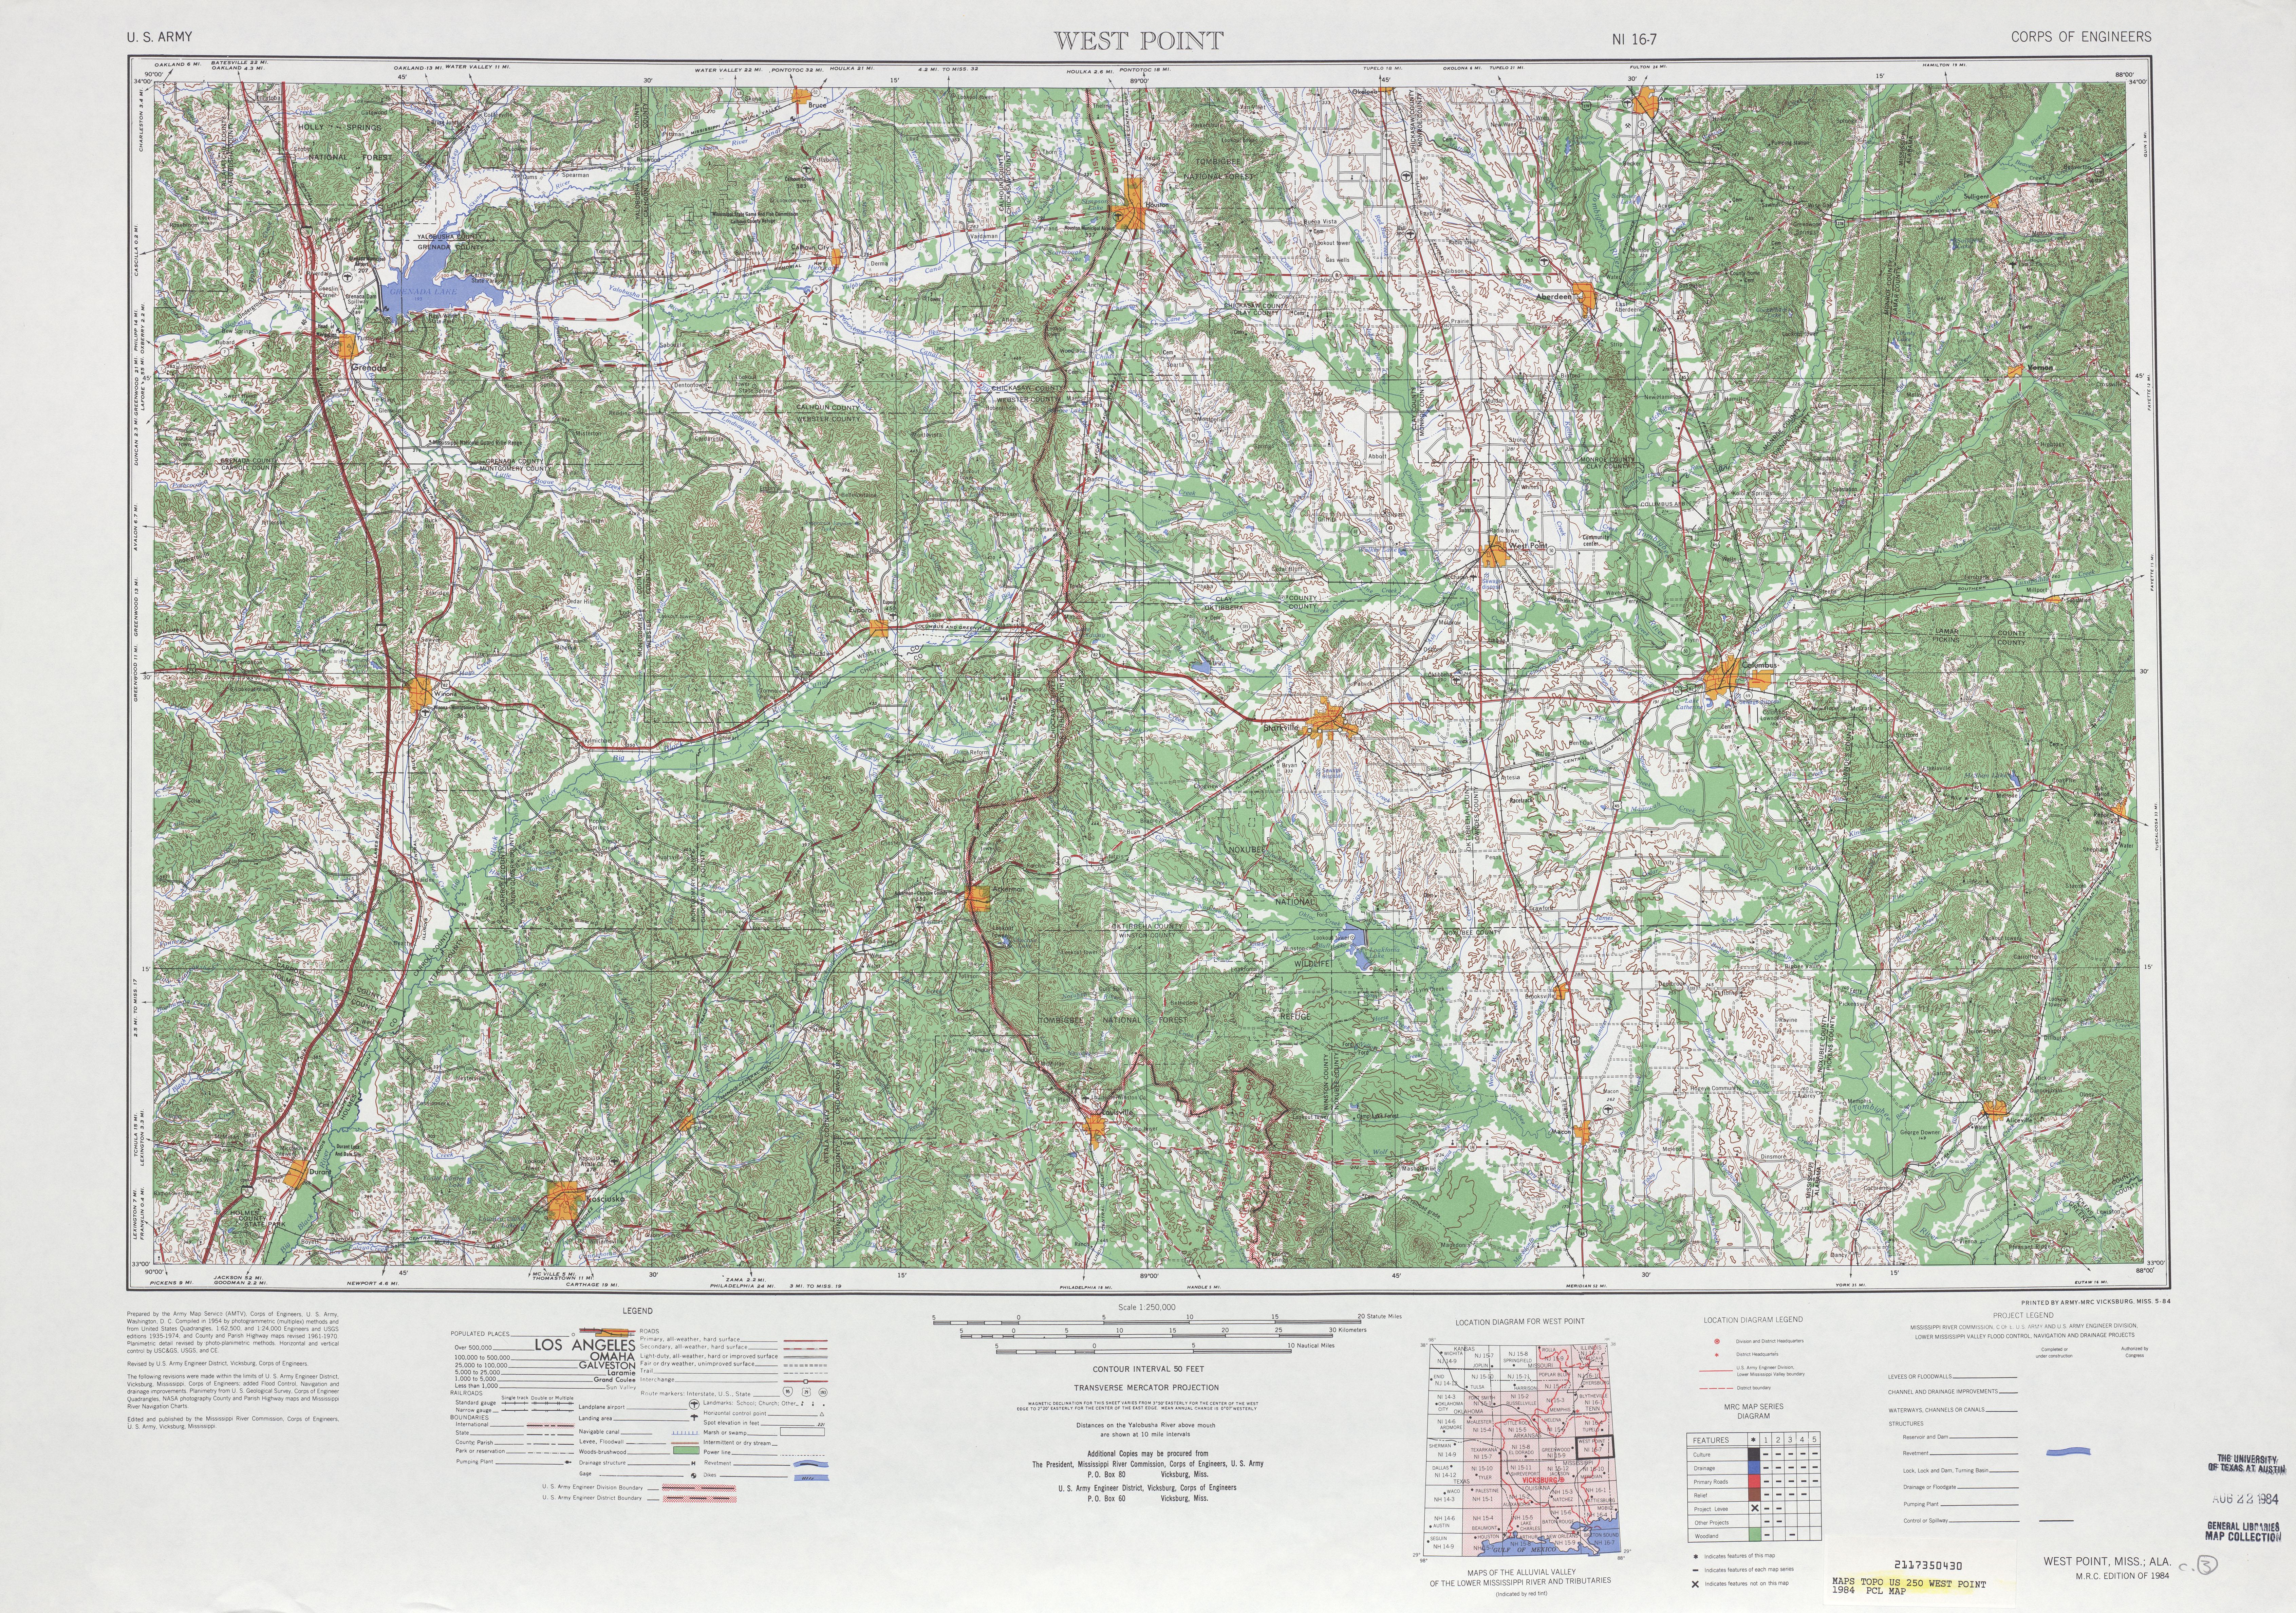 Hoja West Point del Mapa Topográfico de los Estados Unidos 1984